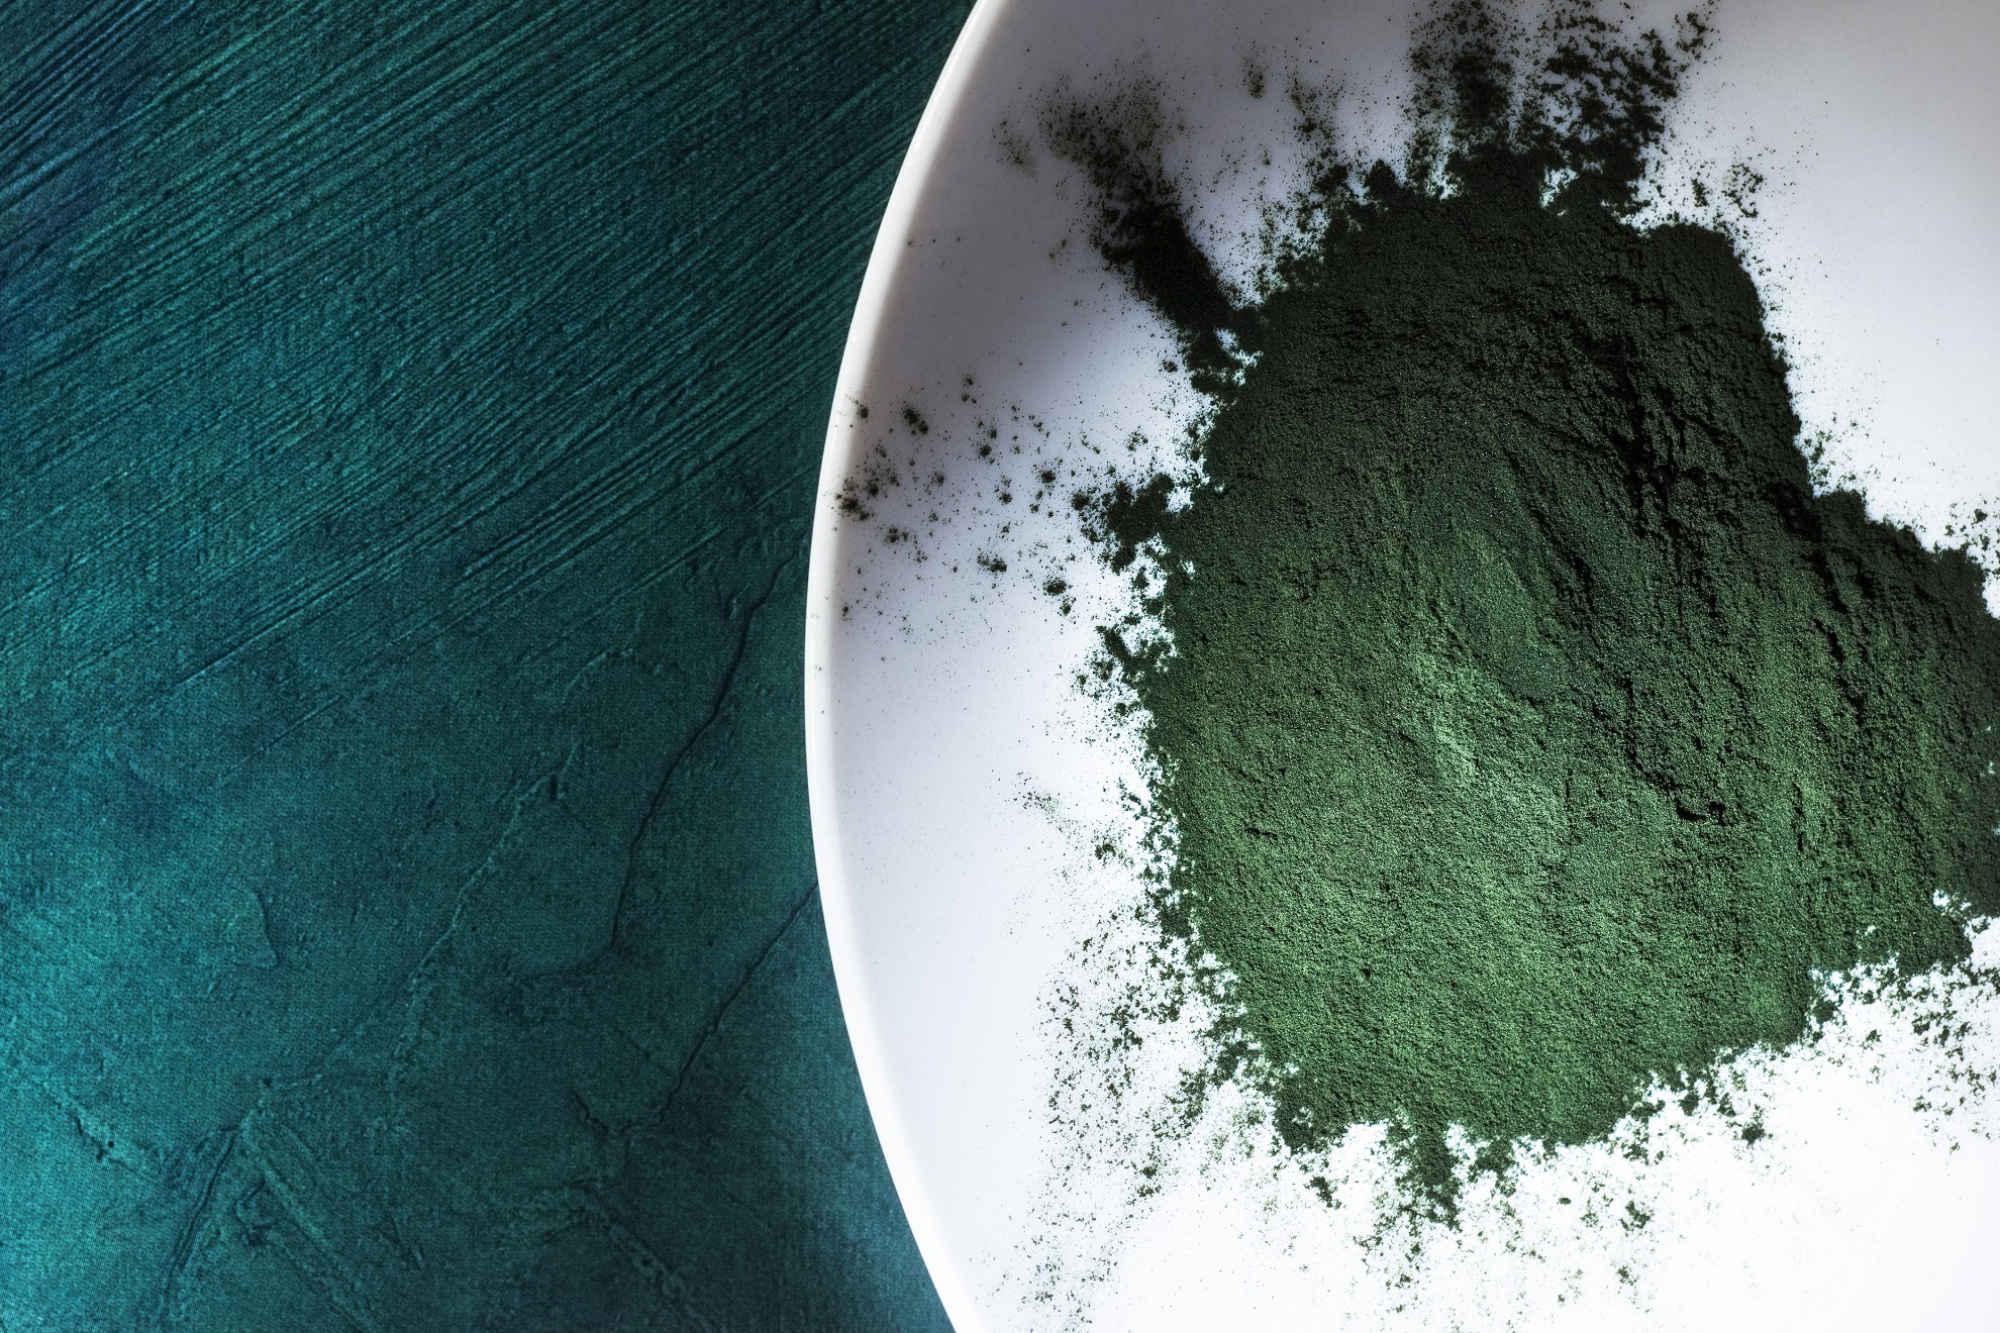 Manger des algues améliore la santé gastro-intestinale ?